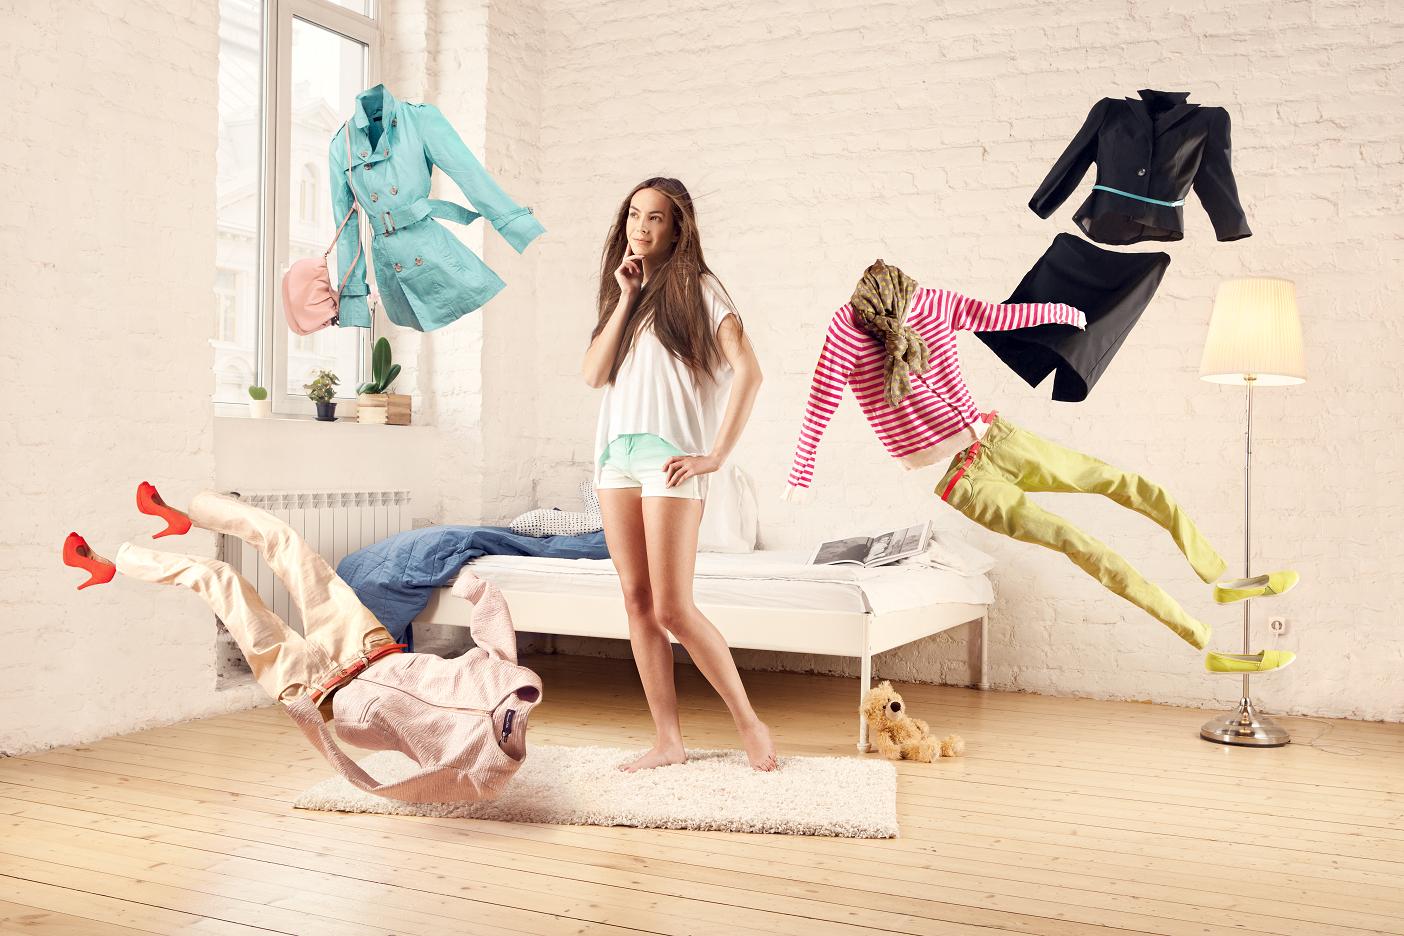 этой статье фотосессия с одеждой и стилистом день